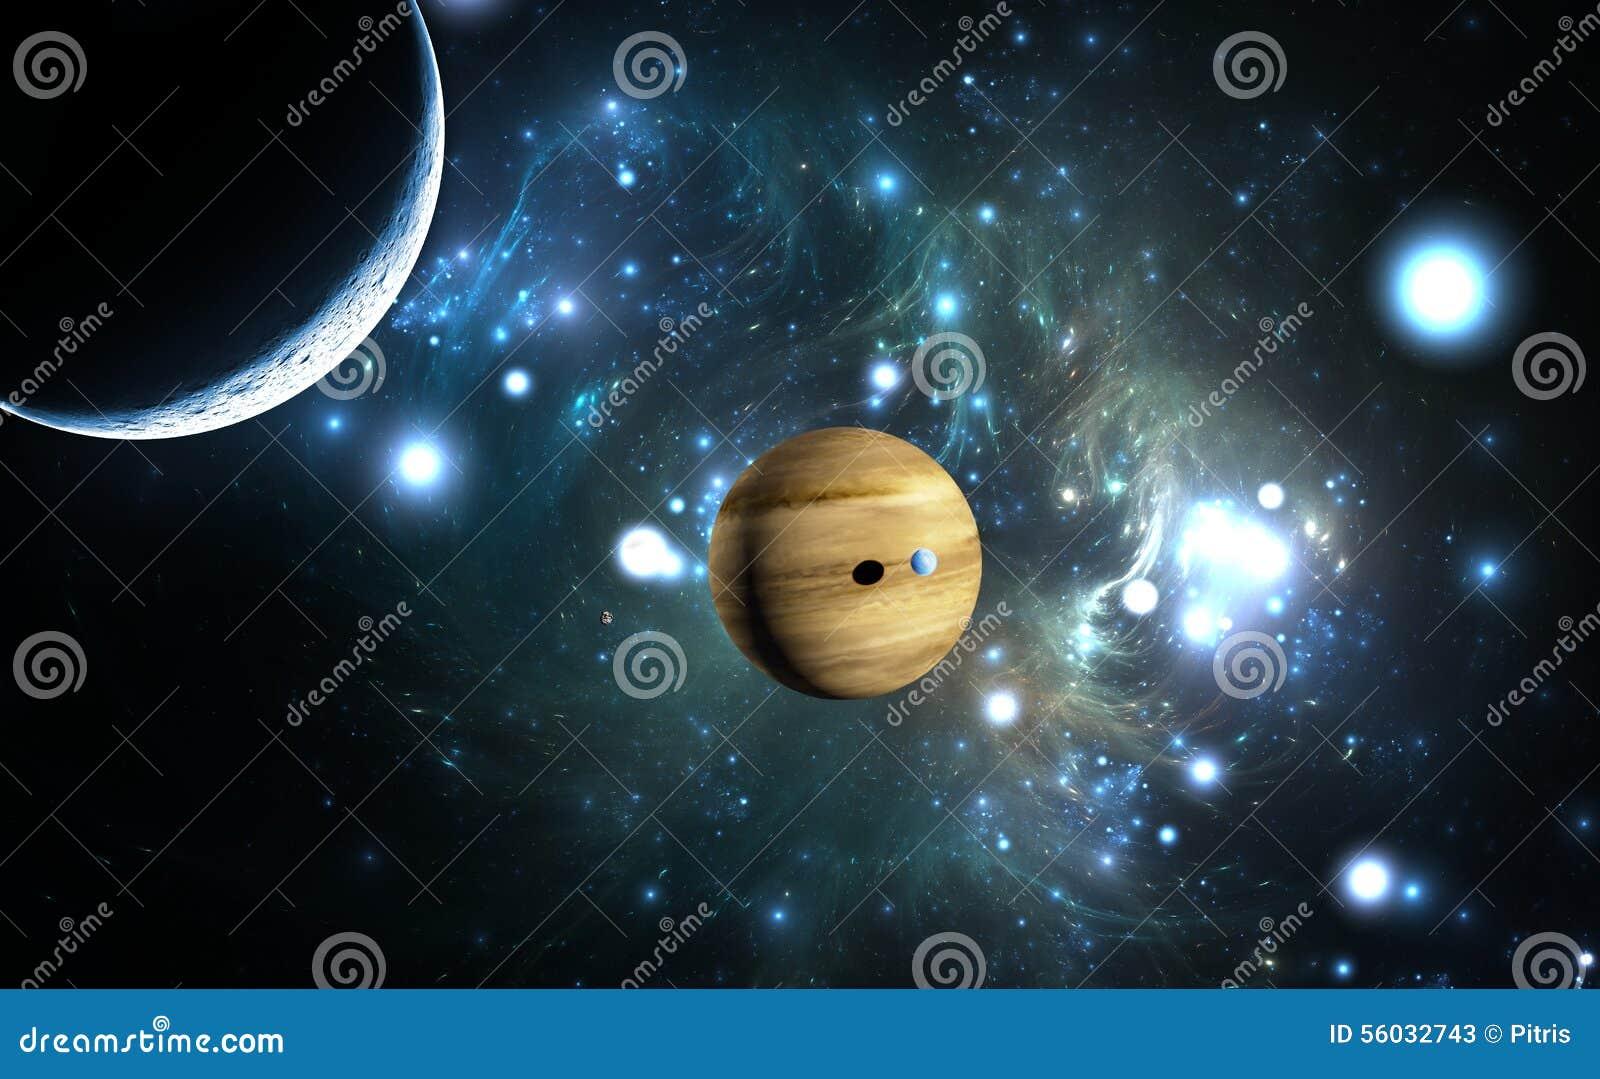 Planeta Extrasolar Gigante de gás com luas